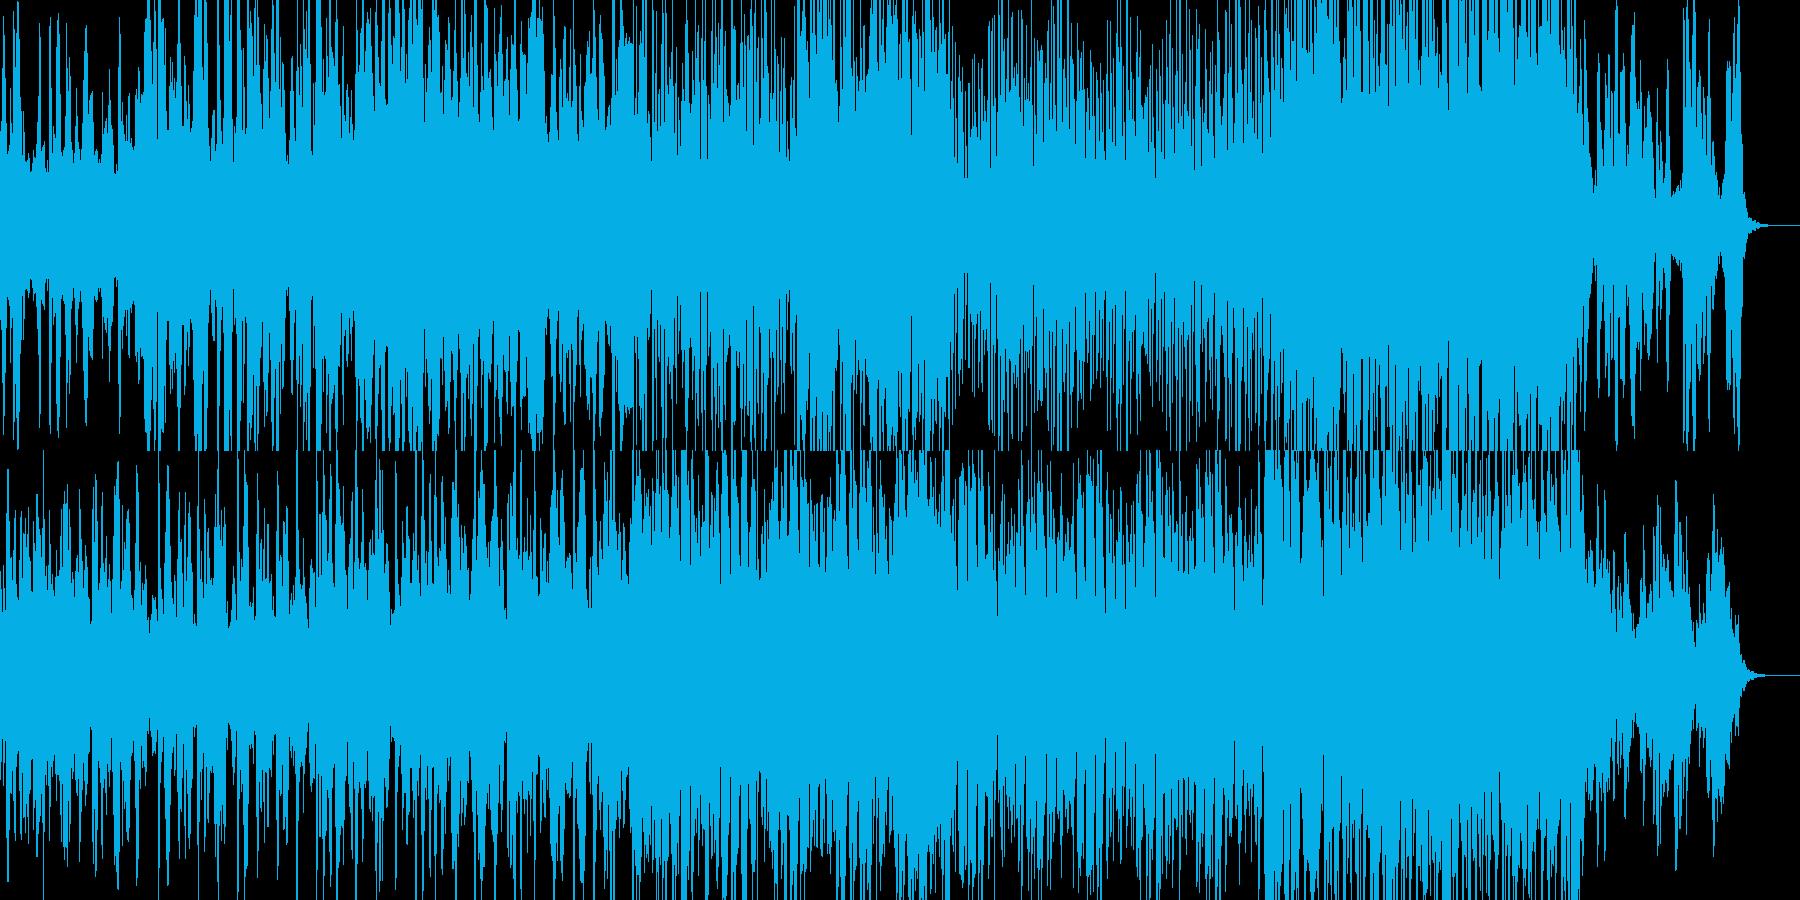 ミステリアスでビート感のあるBGMの再生済みの波形